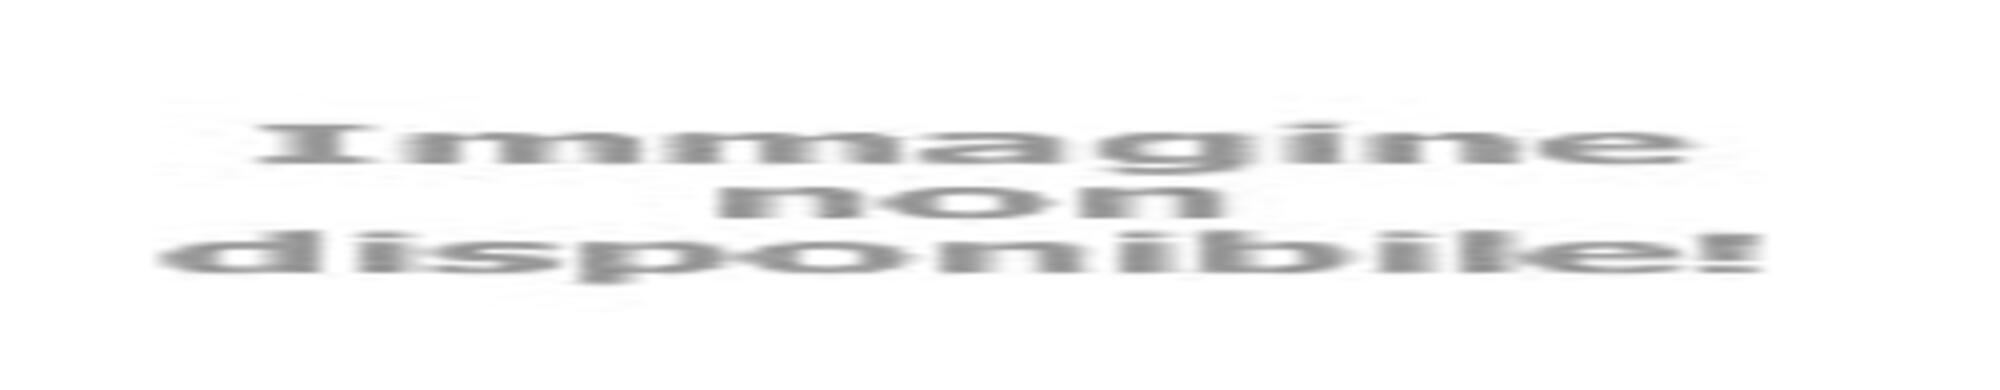 Offerta Giugno in formula All Inclusive - 1 bimbo gratis fino a 12 anni